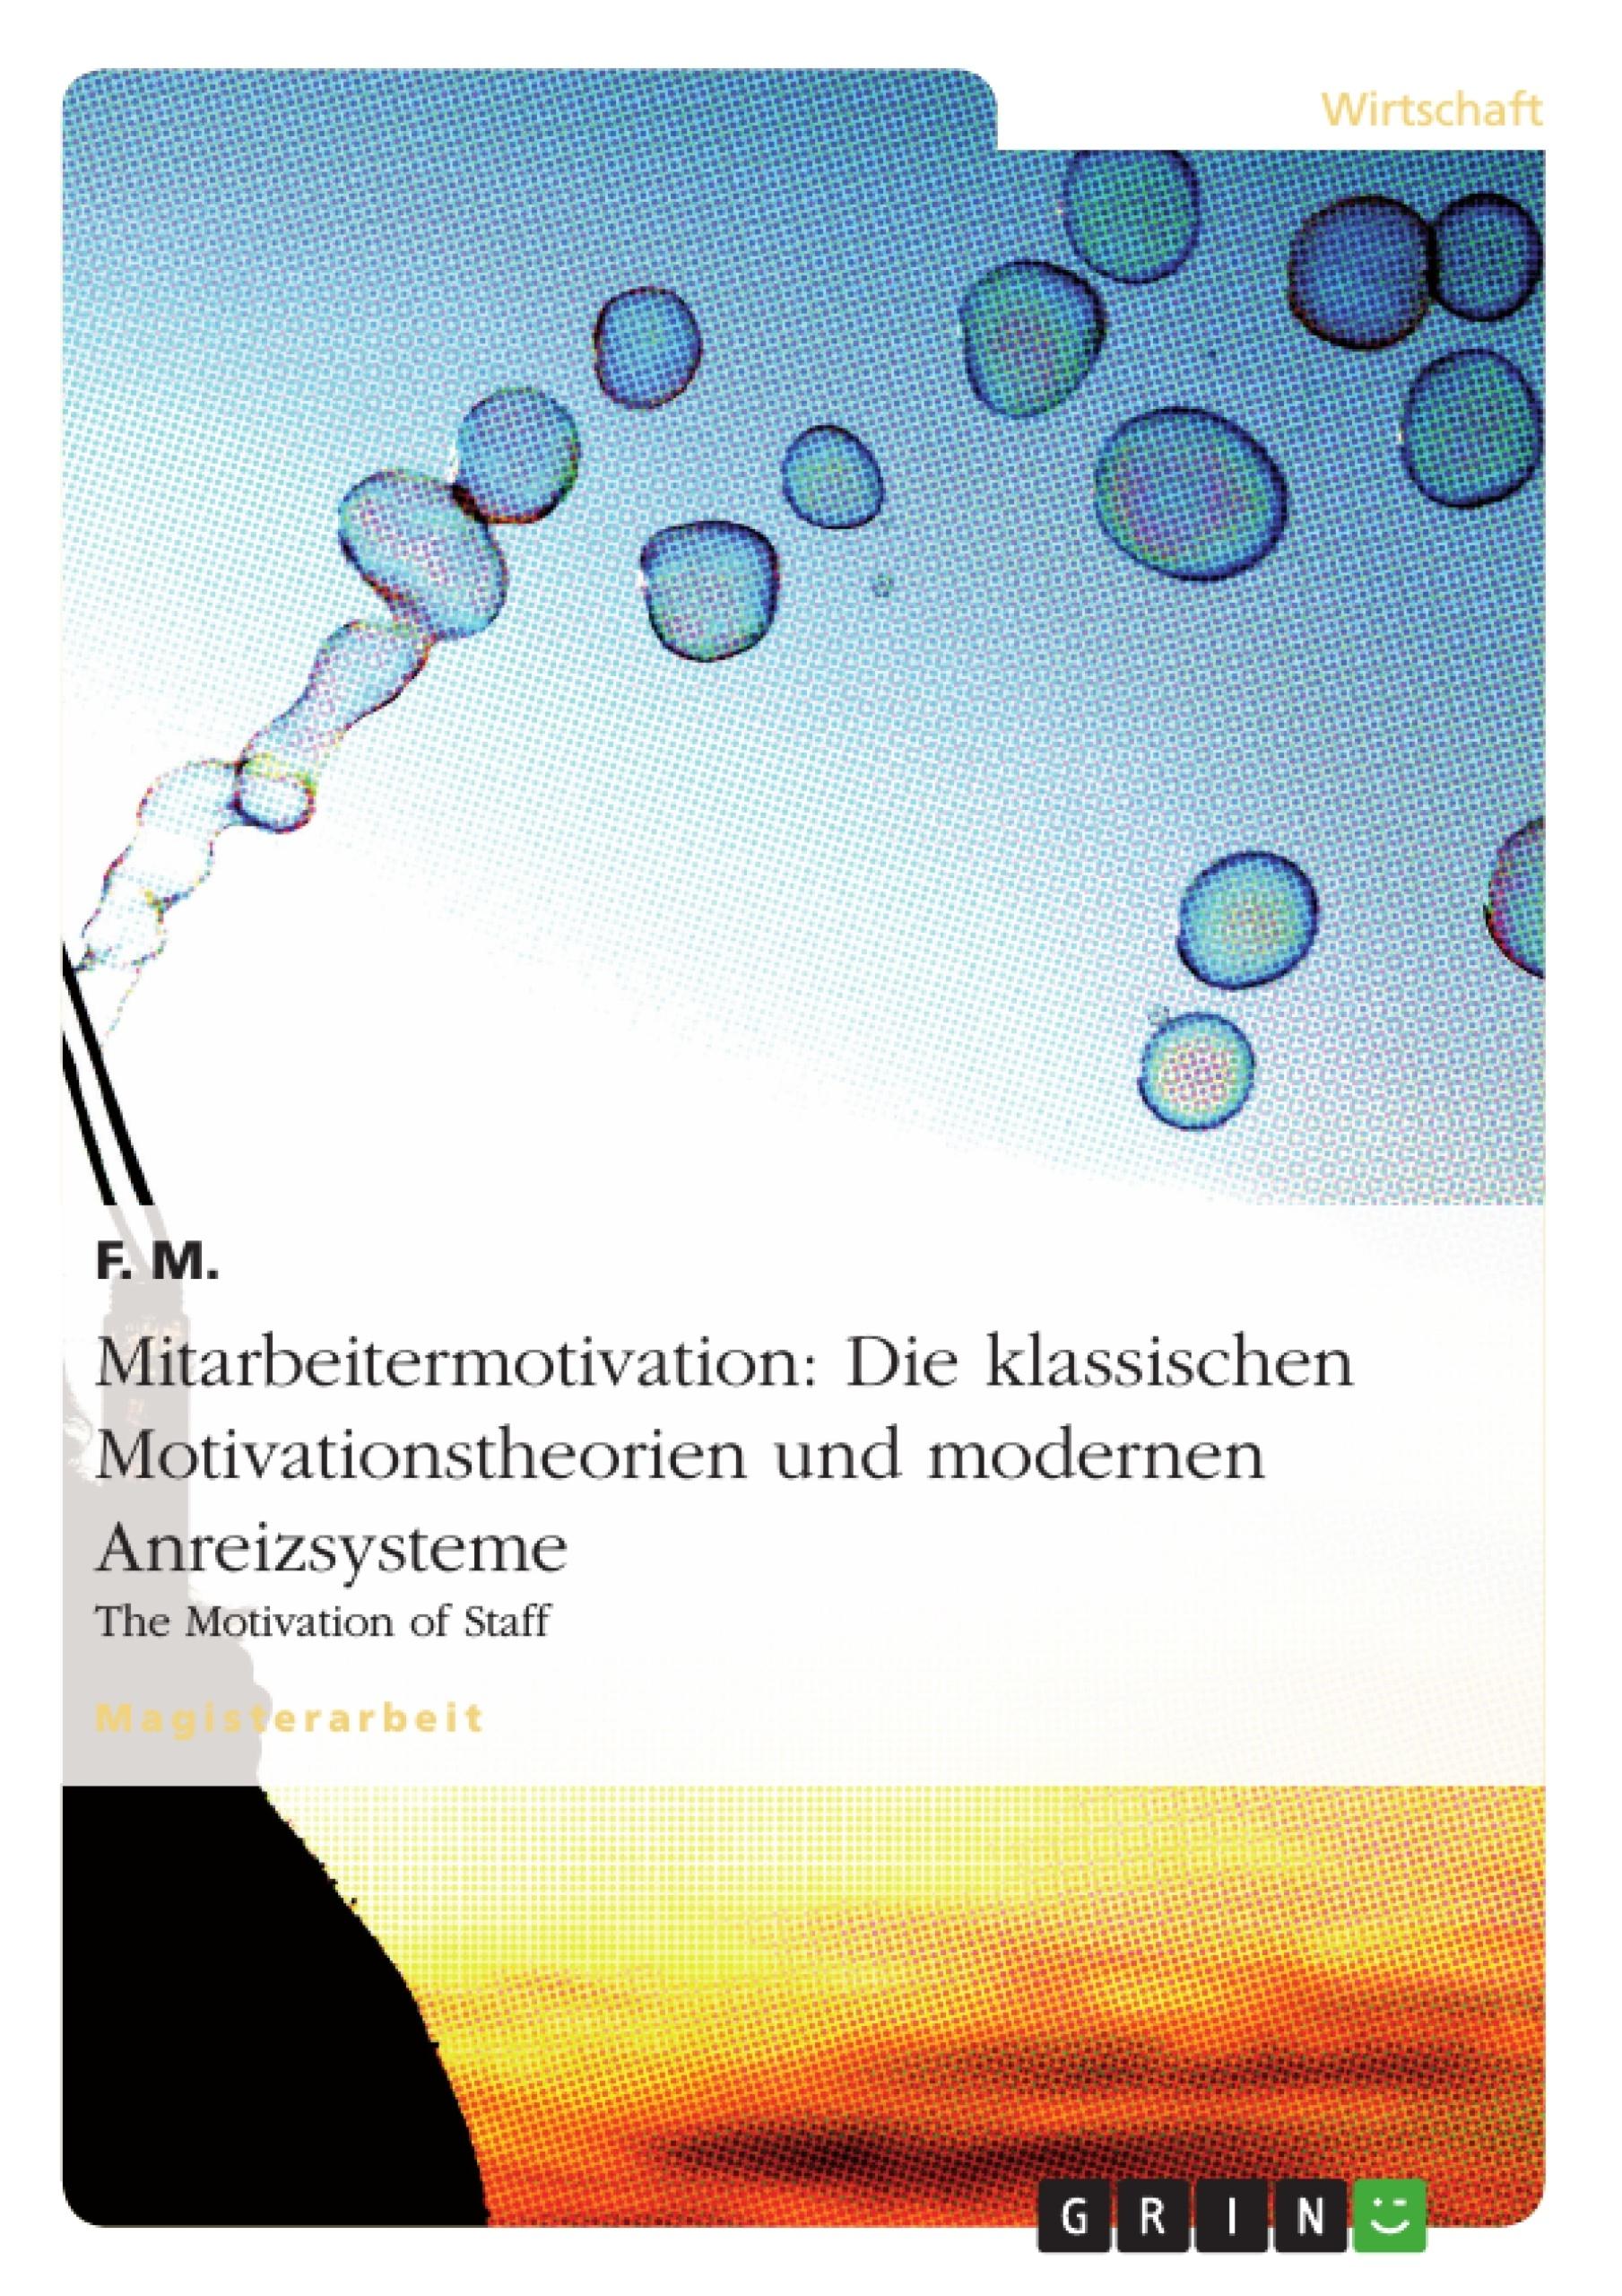 Titel: Mitarbeitermotivation: Die klassischen Motivationstheorien und modernen Anreizsysteme